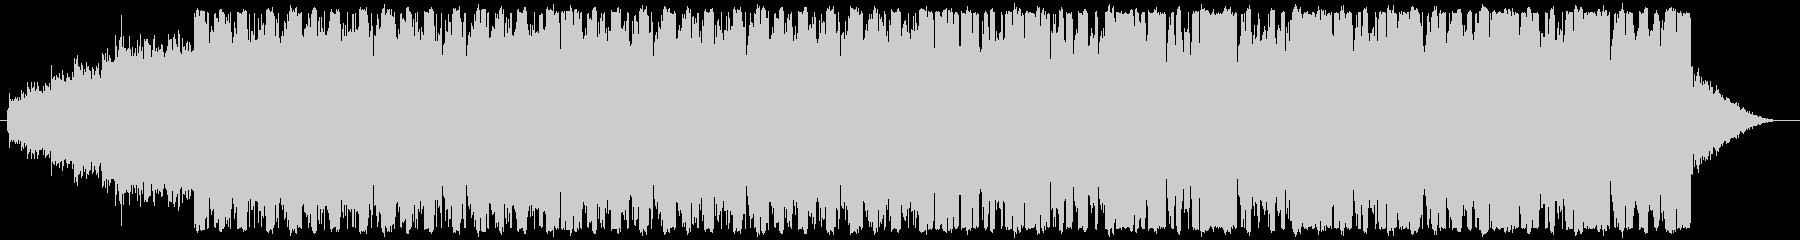 ローファイヒップホップビートの未再生の波形